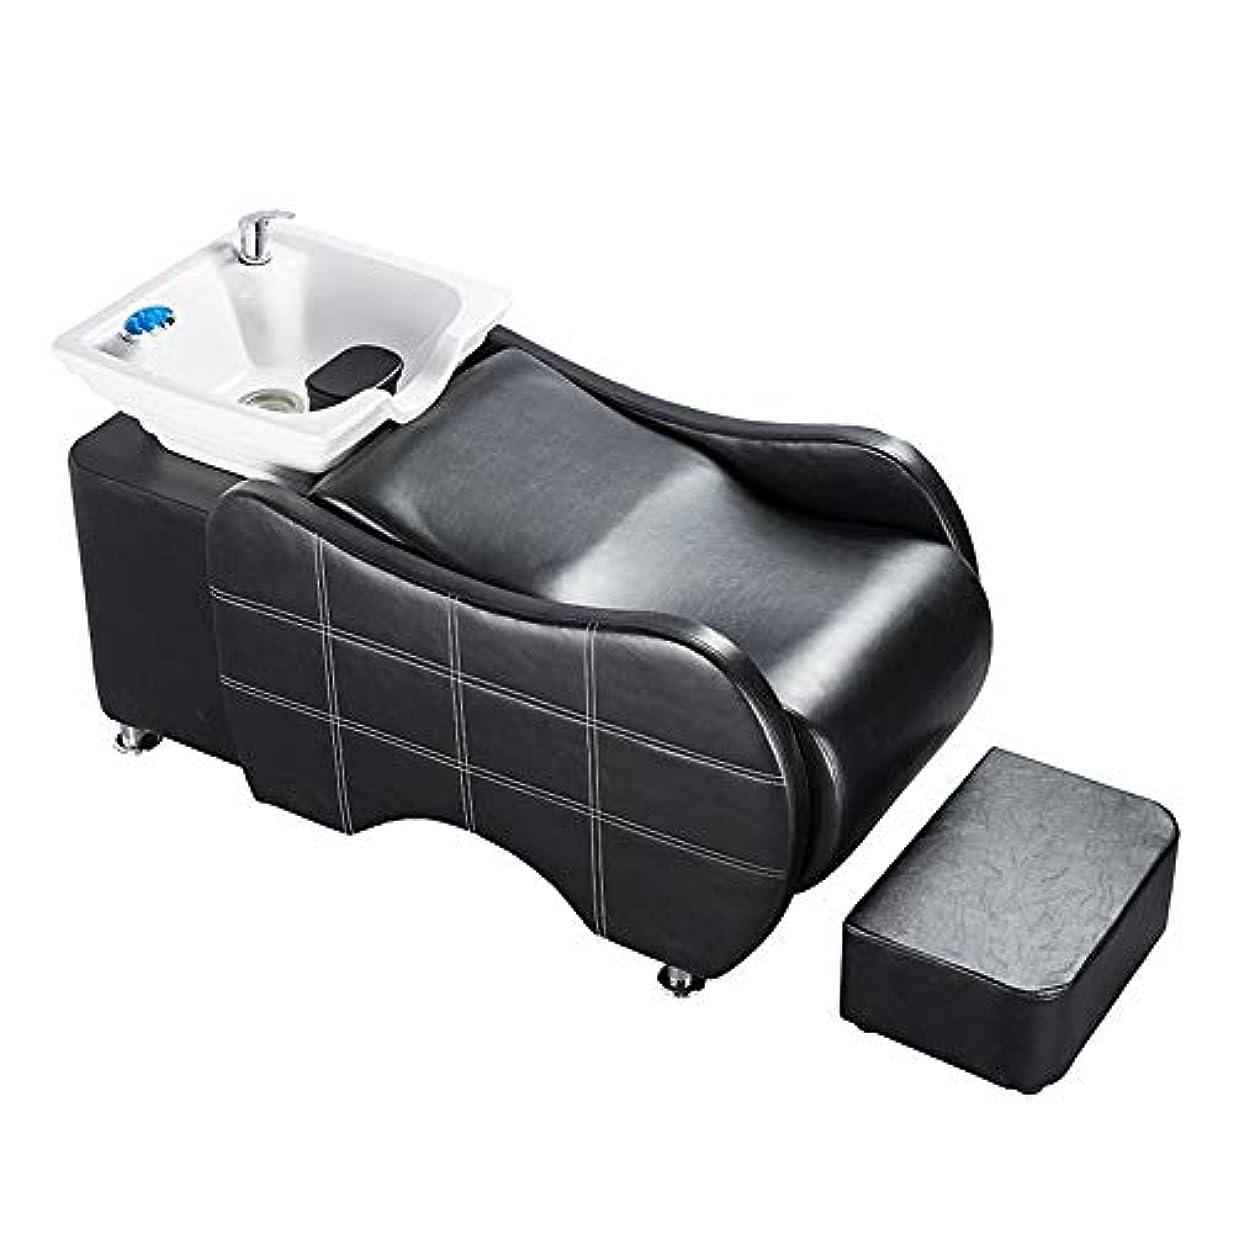 発掘する自己尊重置くためにパックシャンプーの理髪師の逆洗の椅子、鉱泉の美容院のための陶磁器の洗面器の逆洗の単位のシャンプーボールの流しの椅子(黒)